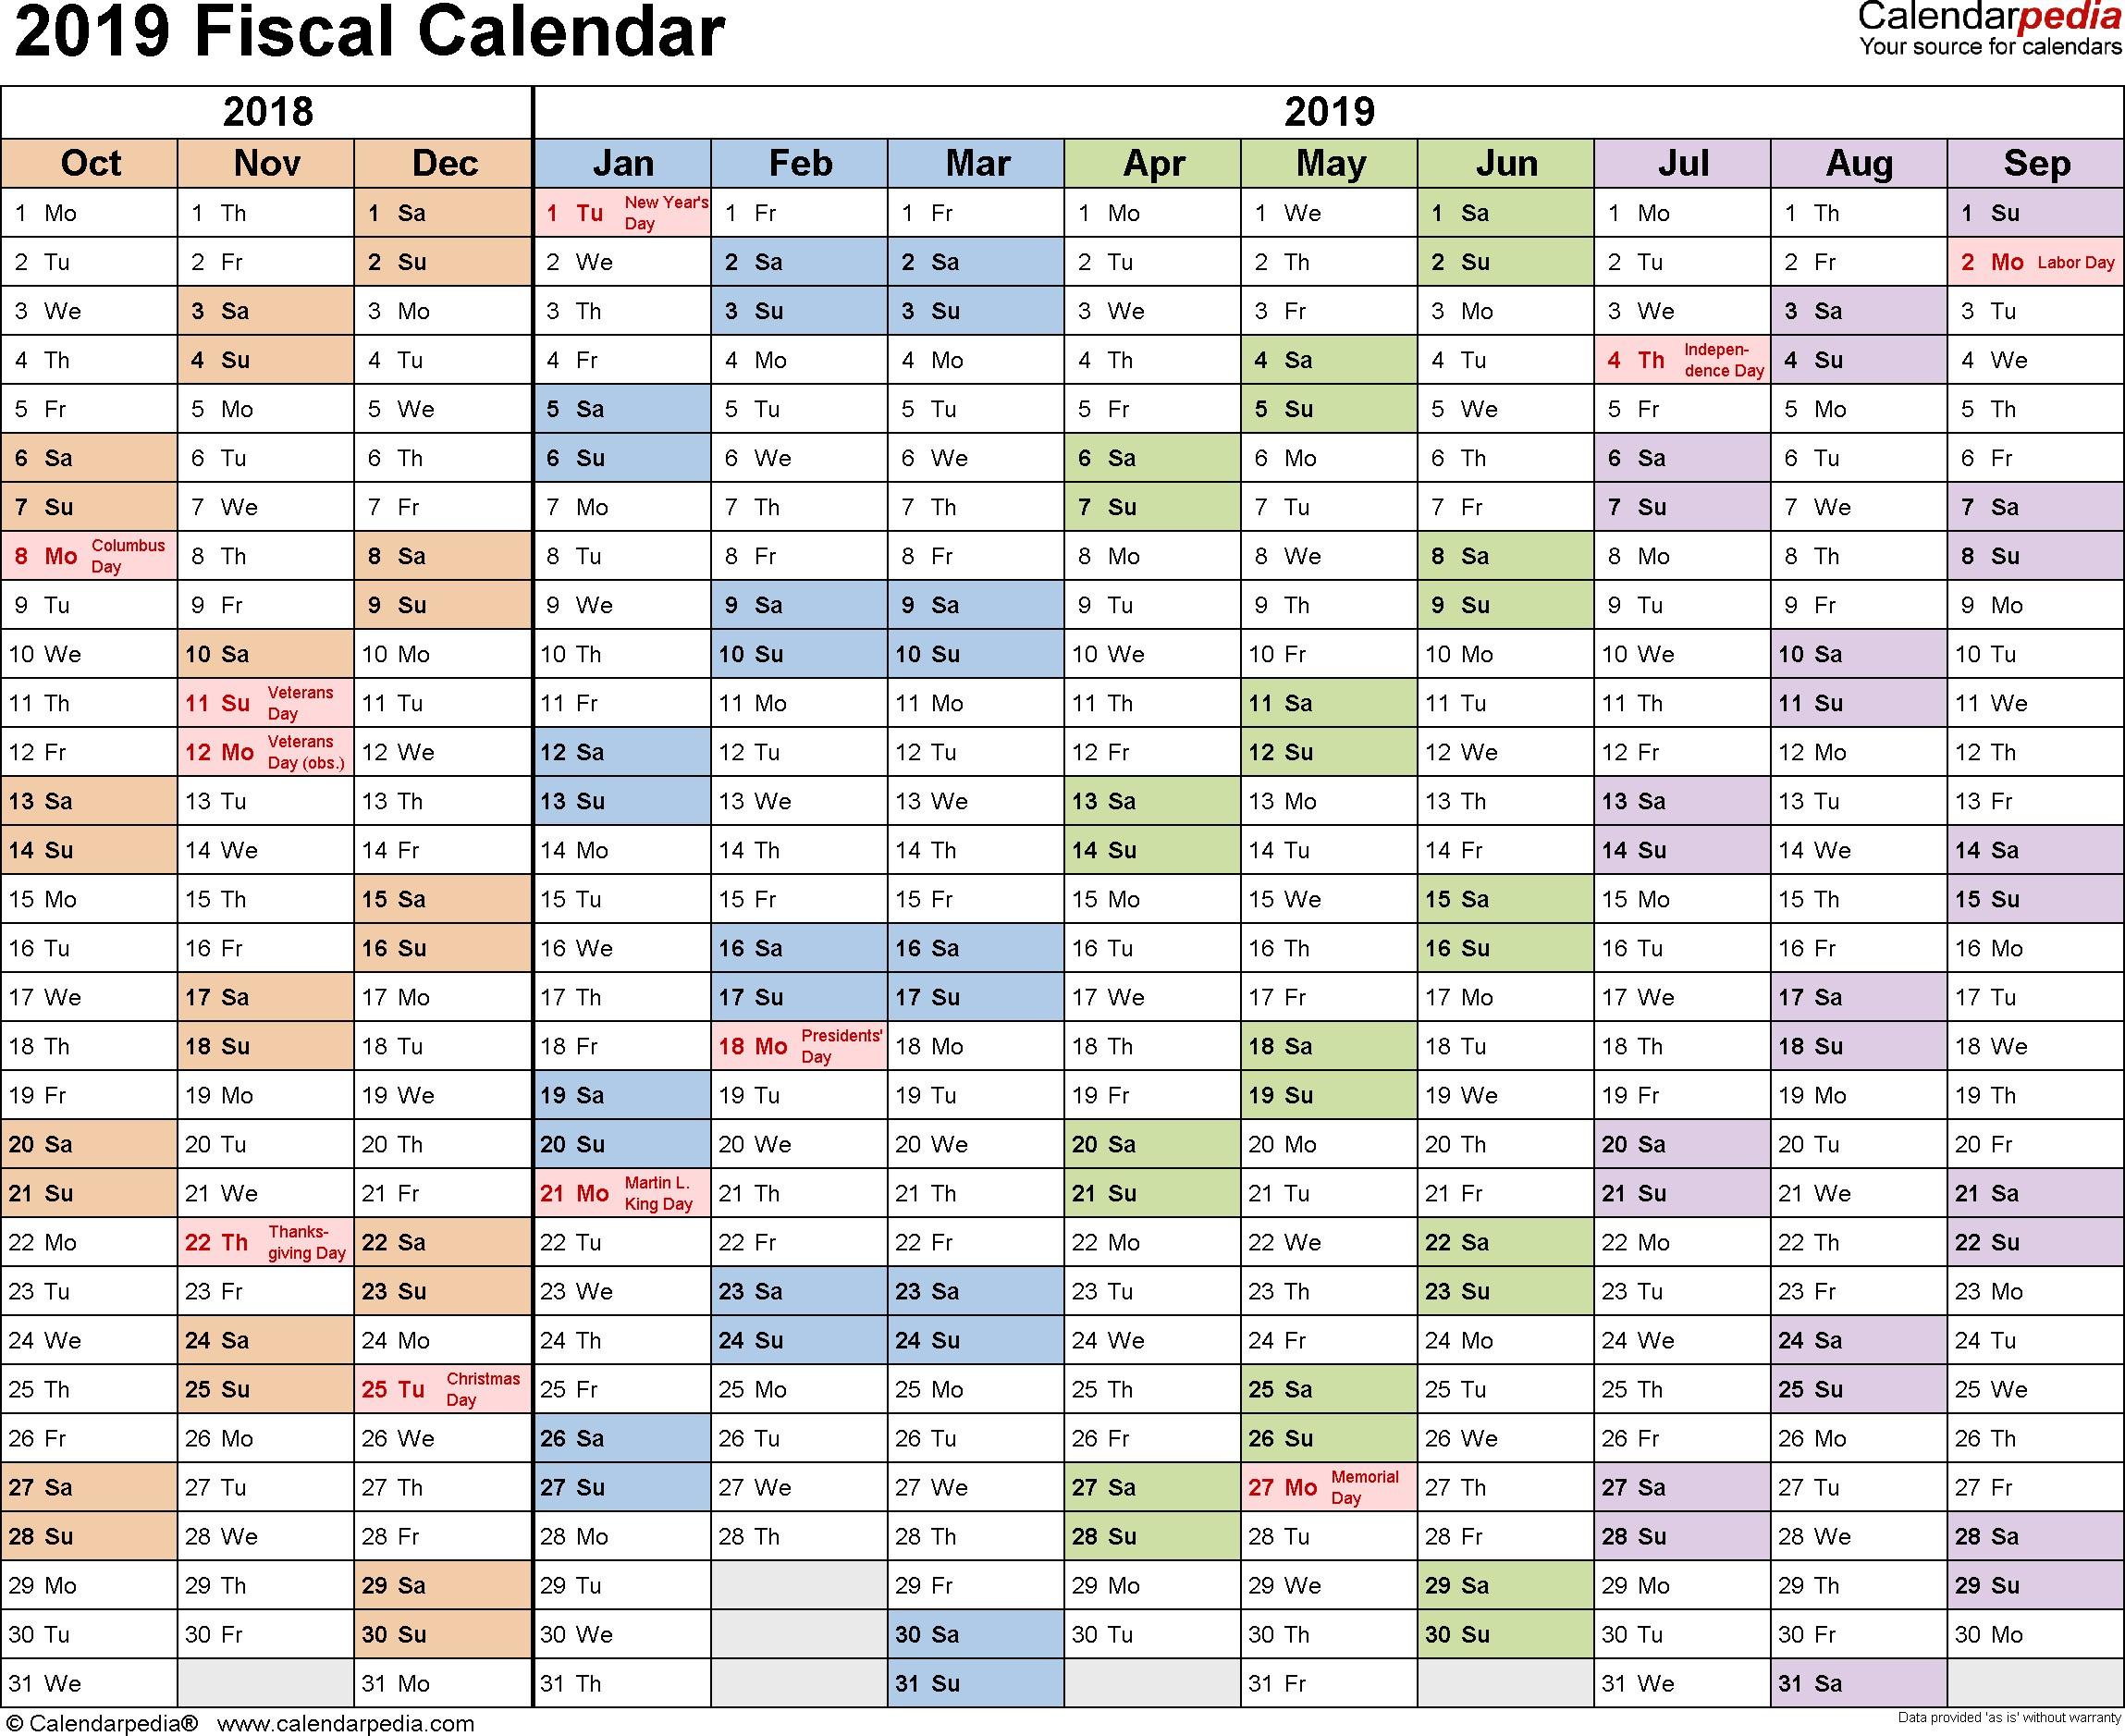 March 1 2019 Calendar Más Recientes Fiscal Calendars 2019 as Free Printable Word Templates Of March 1 2019 Calendar Mejores Y Más Novedosos Romantyczny Kwiatowy Kalendarz Marca 2019 Ptakiem — Zdjęcie Stockowe